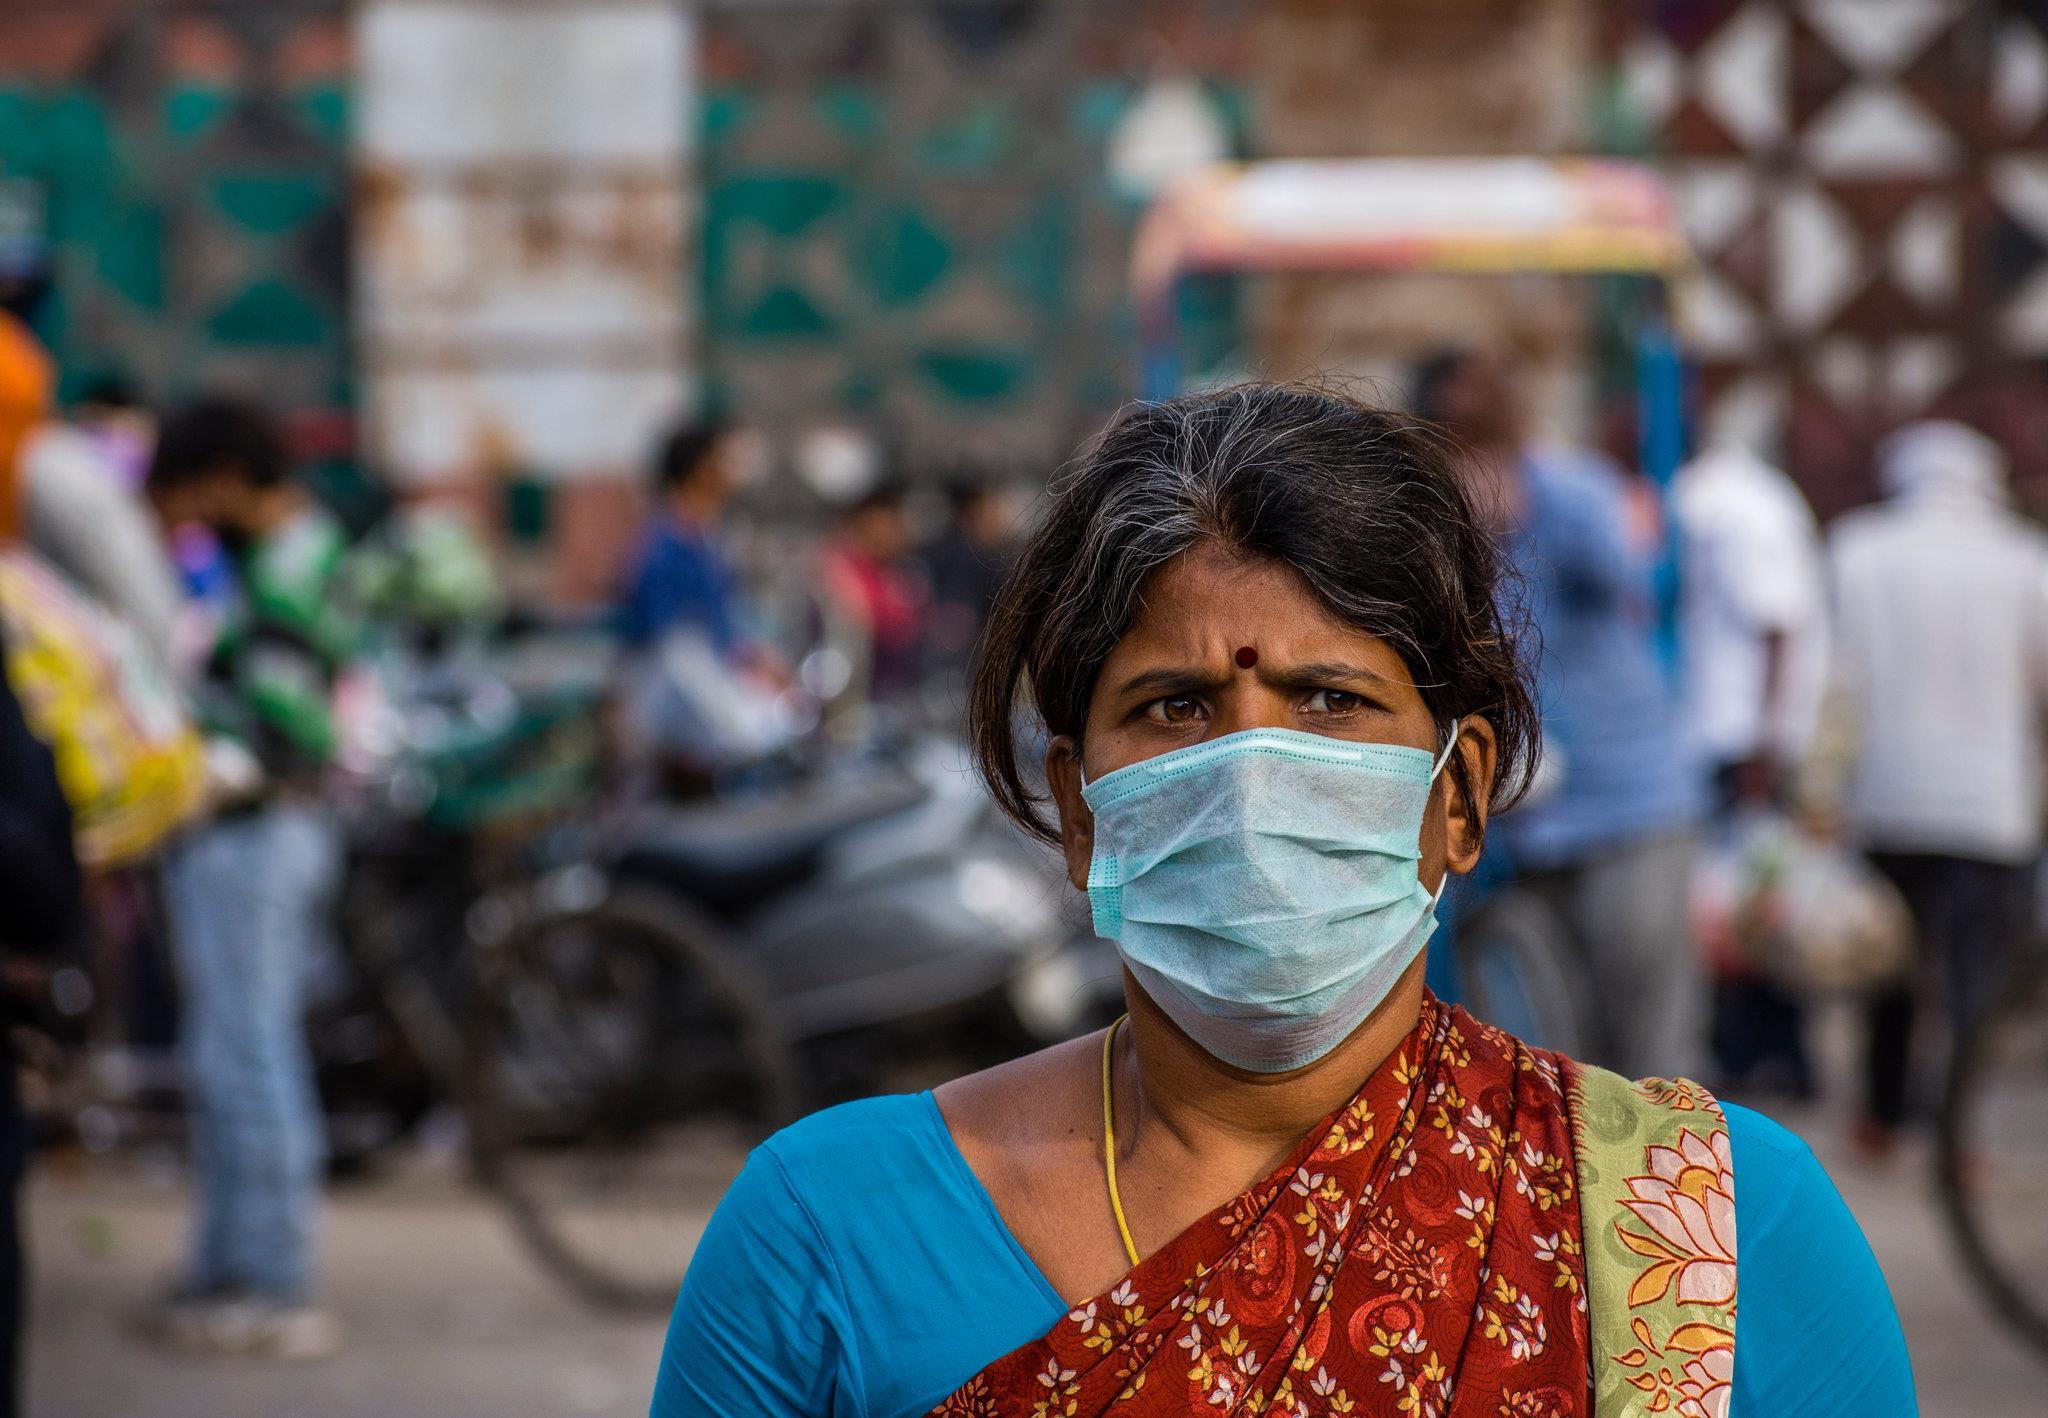 منظمة الصحة العالمية: عدد الوفيات بسبب كوفيد-19 يرتفع بمعدلات مقلقة